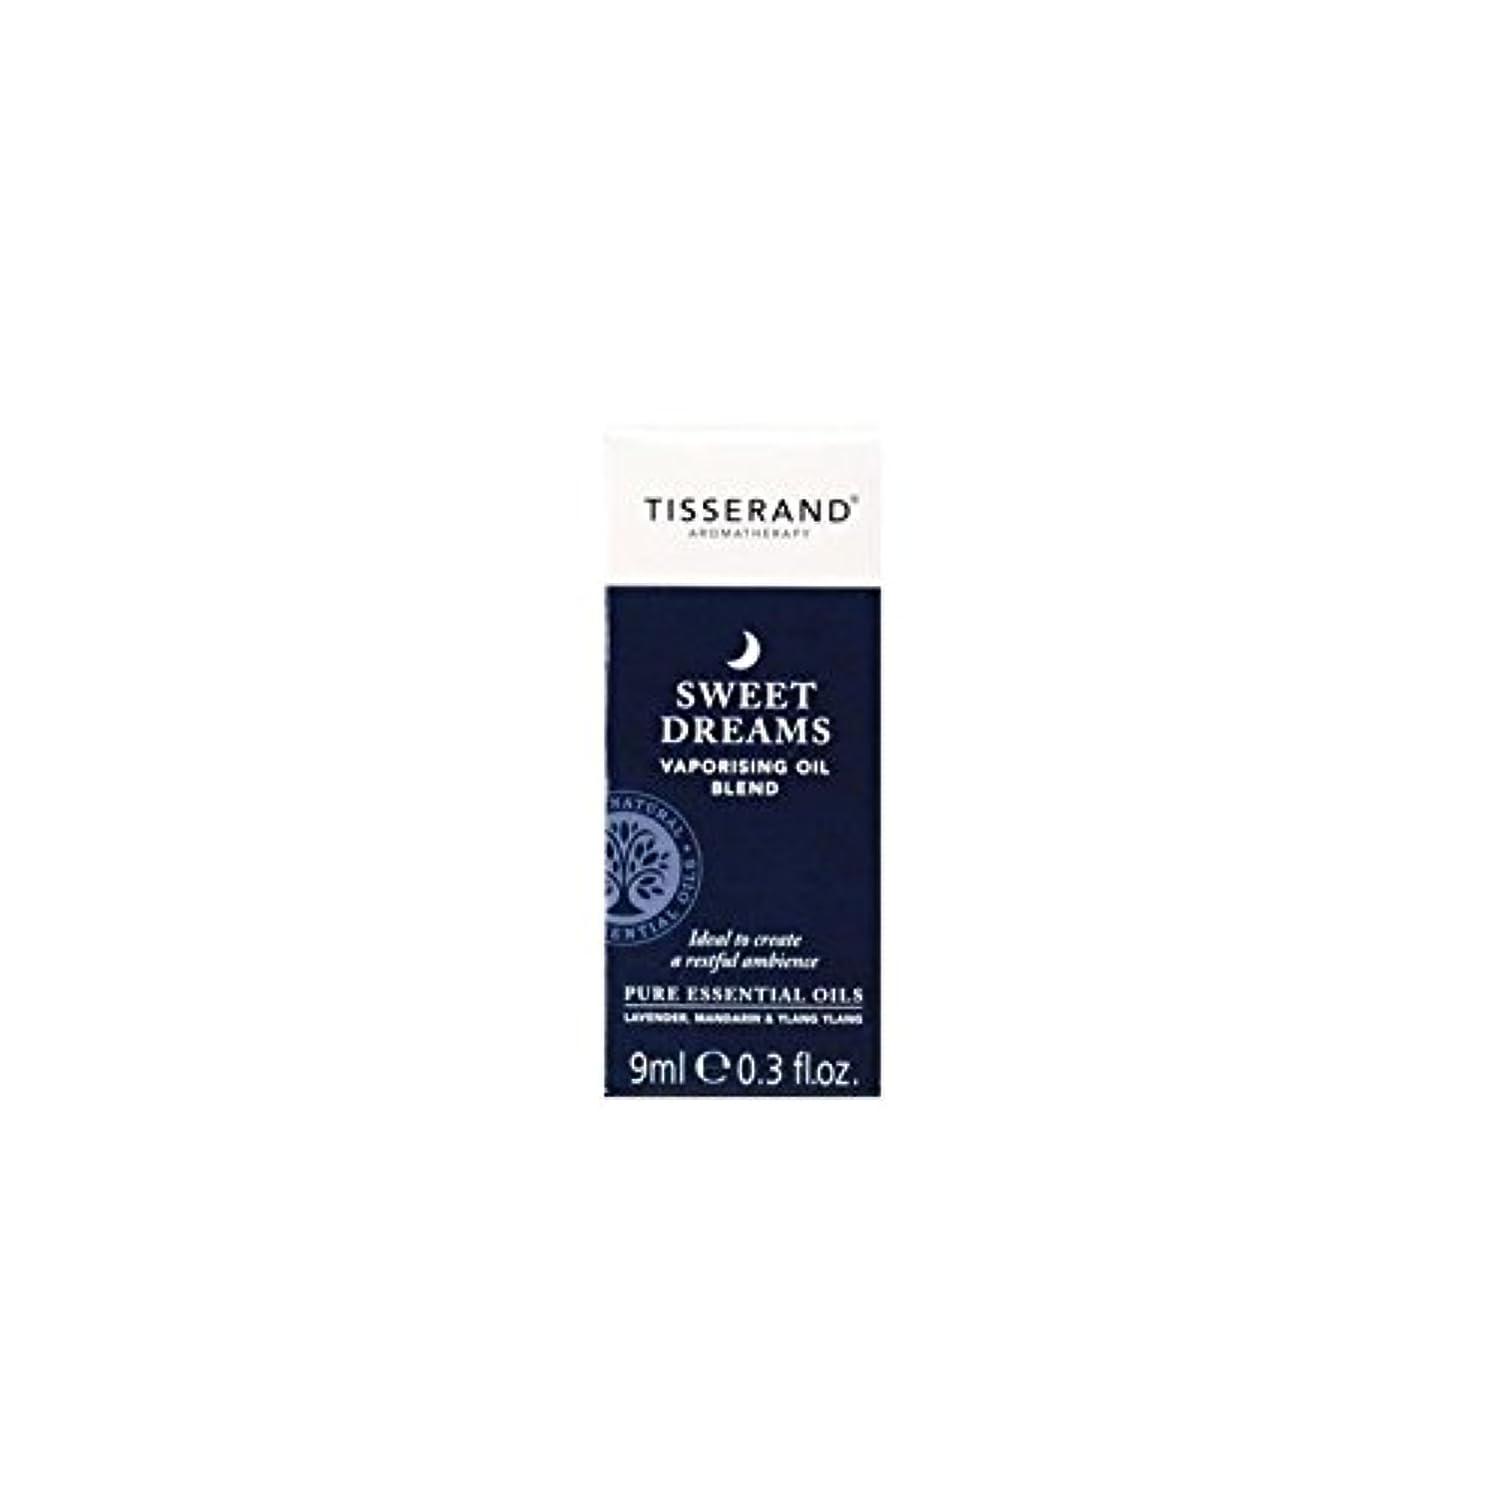 悲鳴北記念品オイル9ミリリットルを気化甘い夢 (Tisserand) (x 6) - Tisserand Sweet Dreams Vaporising Oil 9ml (Pack of 6) [並行輸入品]